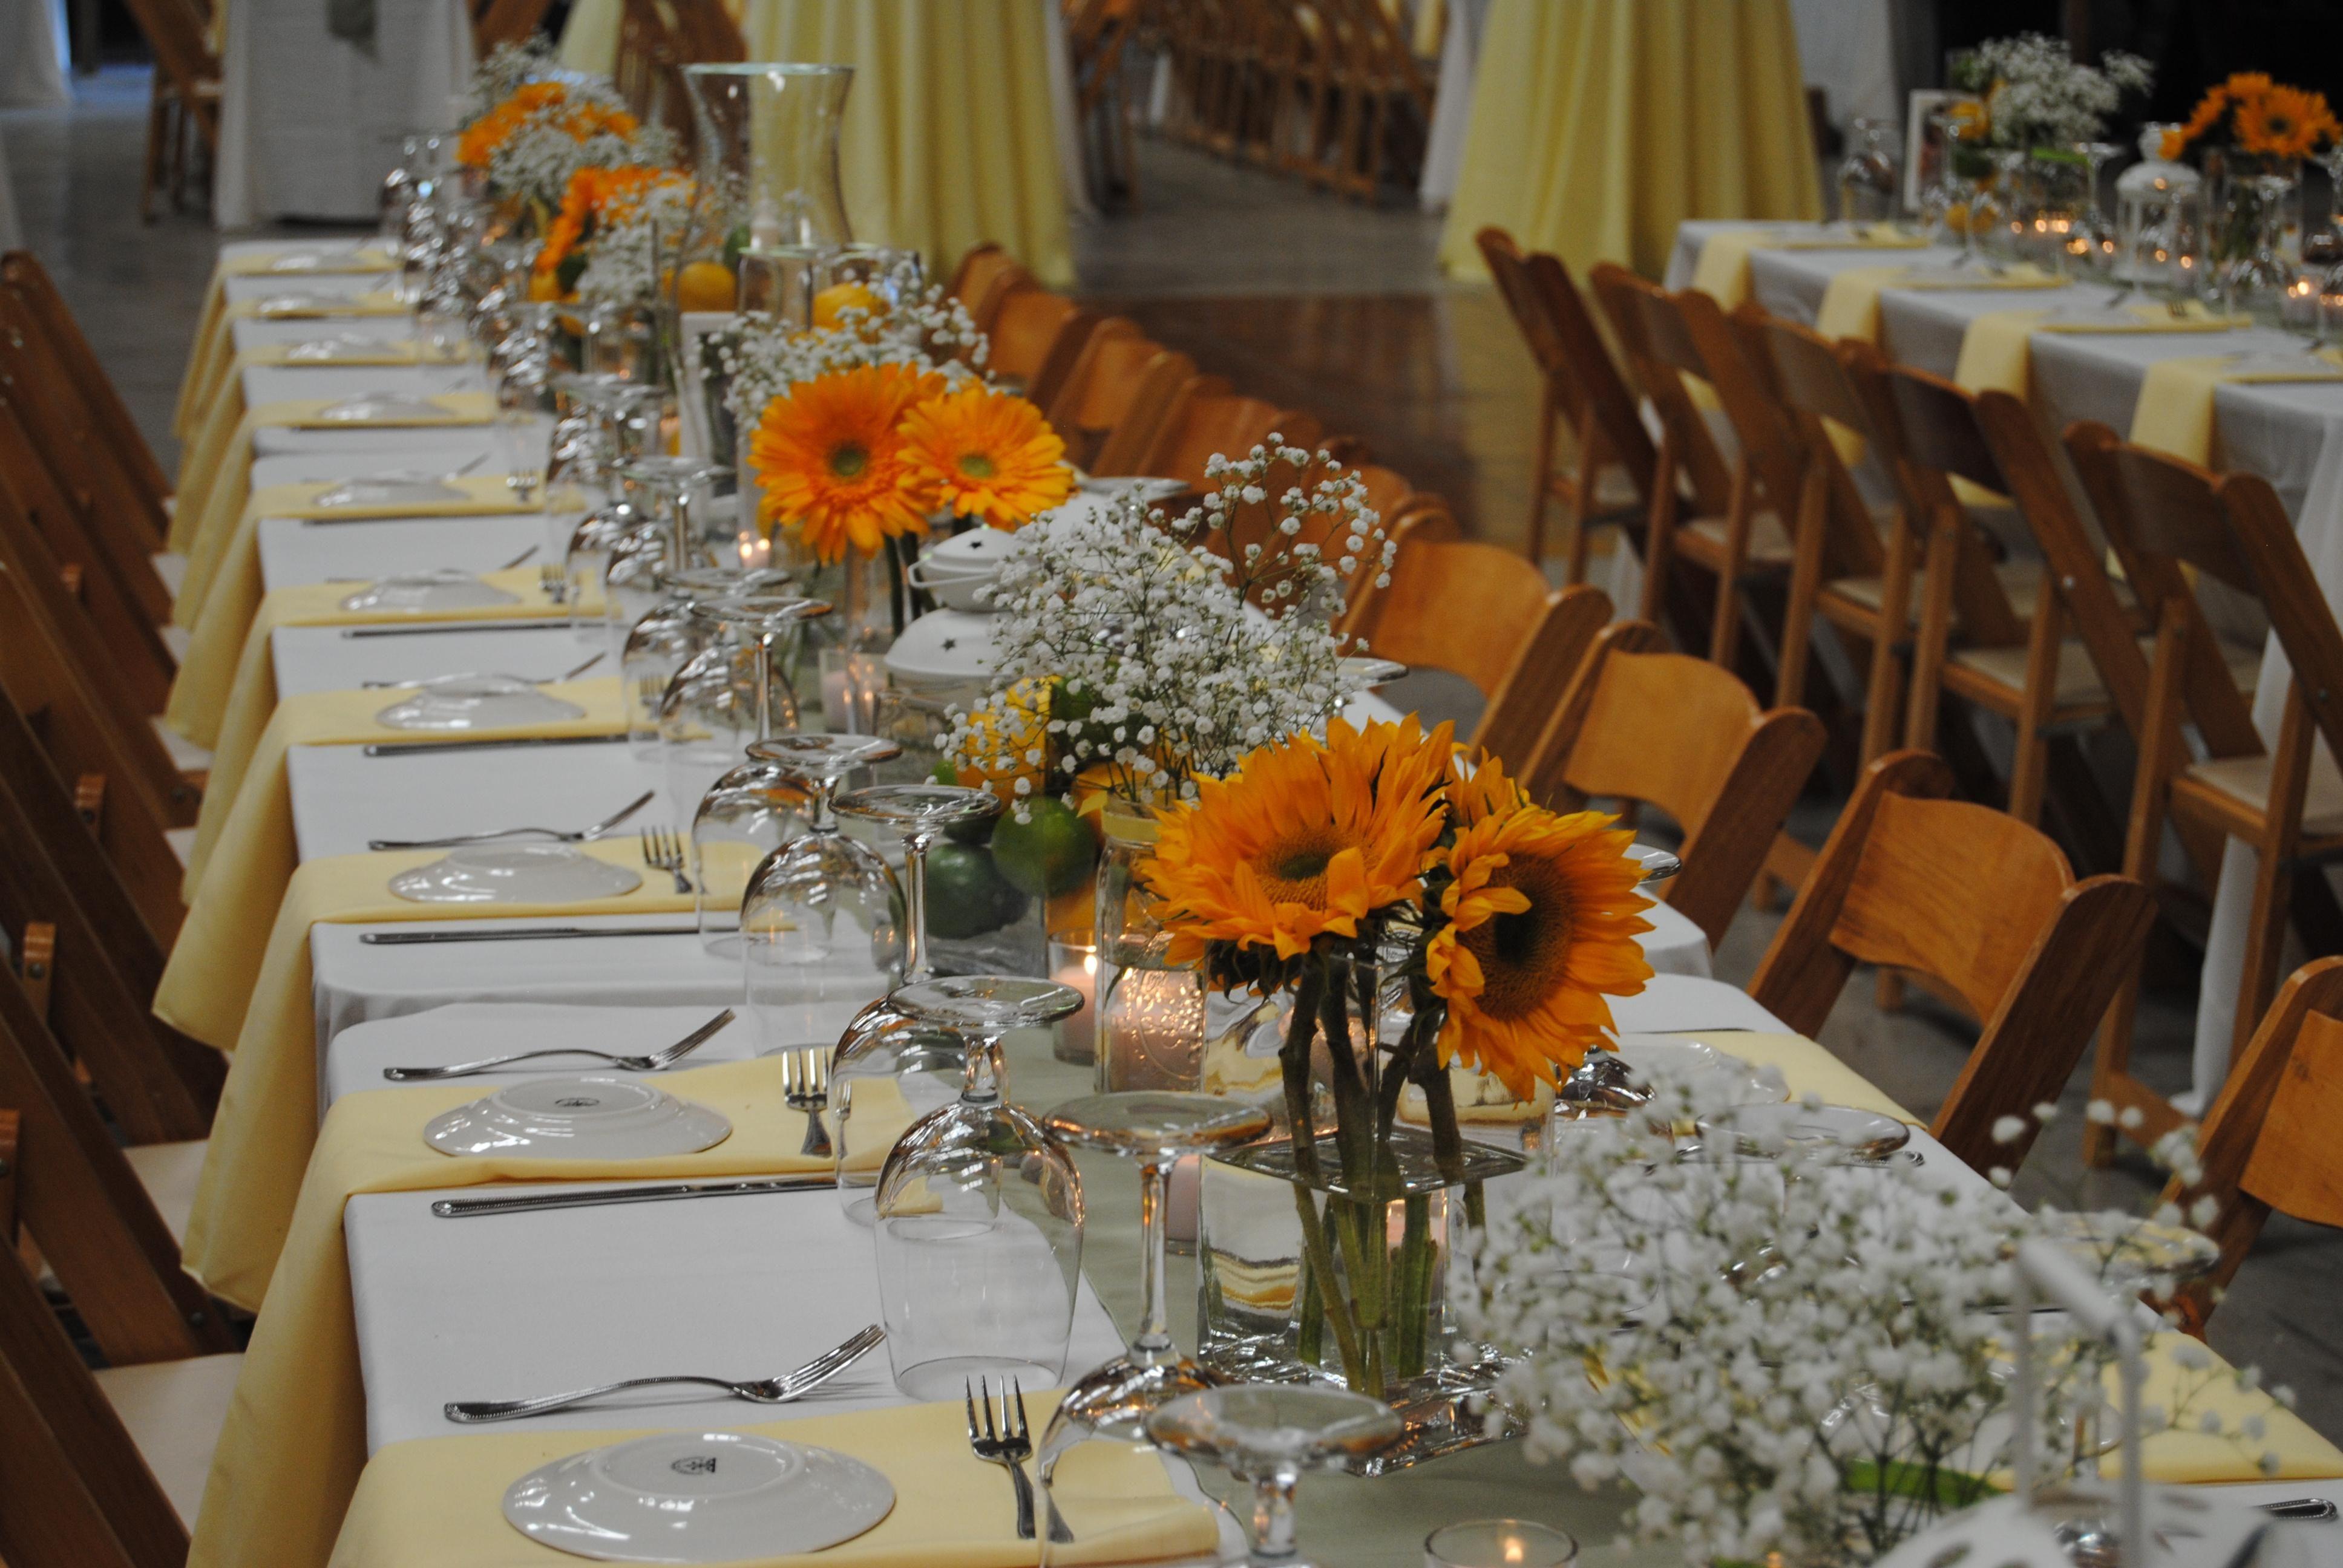 Sunflower centerpiece an idea for squarerectangle tables for sunflower centerpiece an idea for squarerectangle tables for a small square reviewsmspy